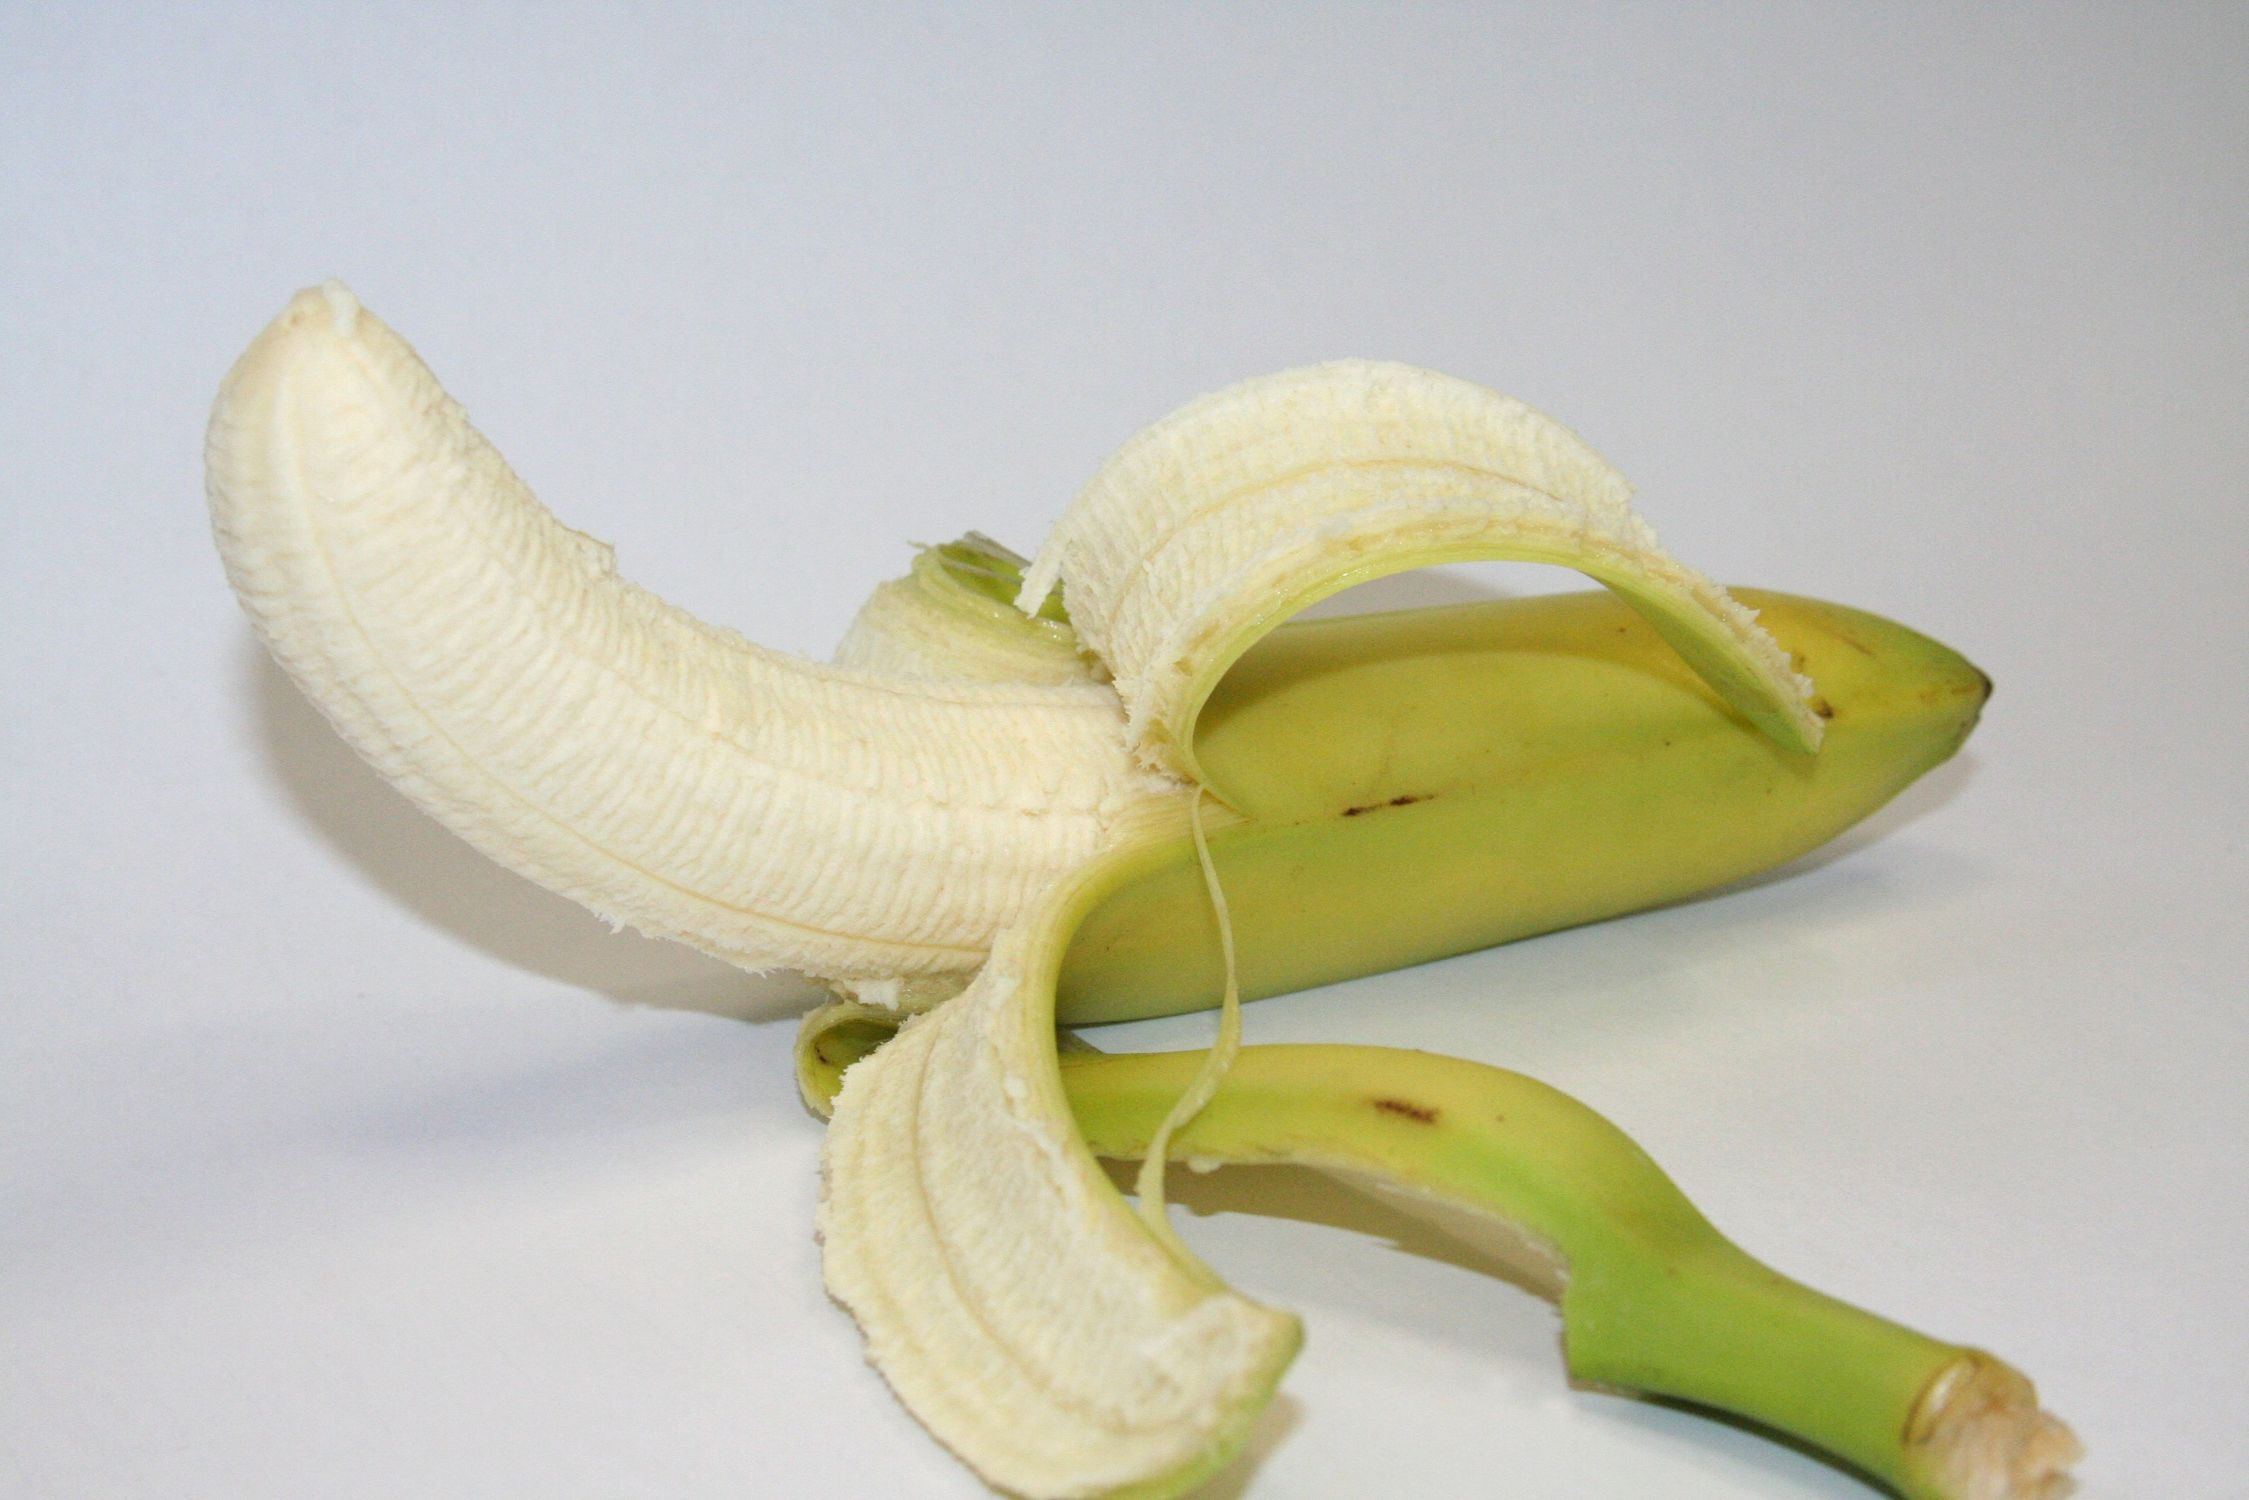 Bild mit Früchte, Lebensmittel, Essen, Bananen, Frucht, Banane